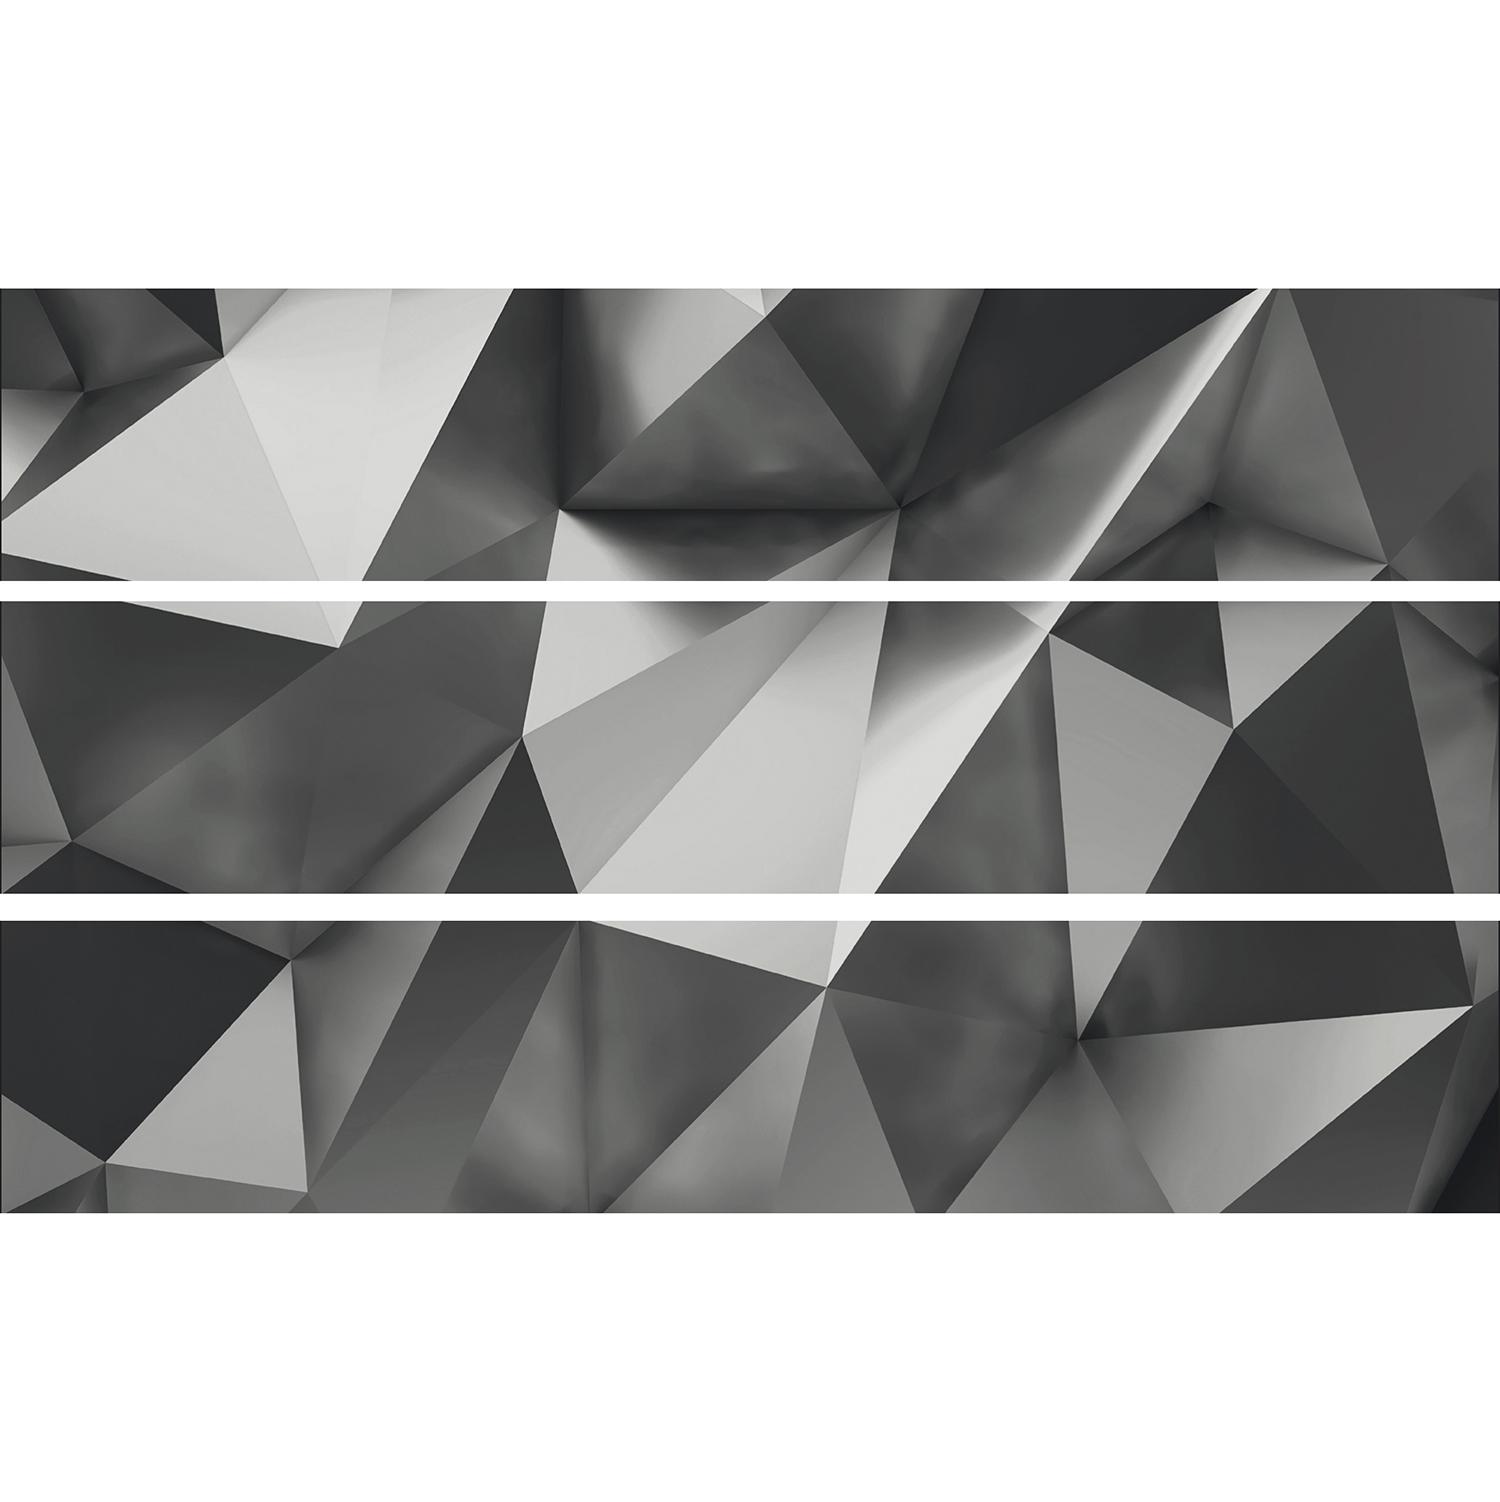 Décor pour contremarches d'escalier effet 3D géométrique en trompe-l'oeil.